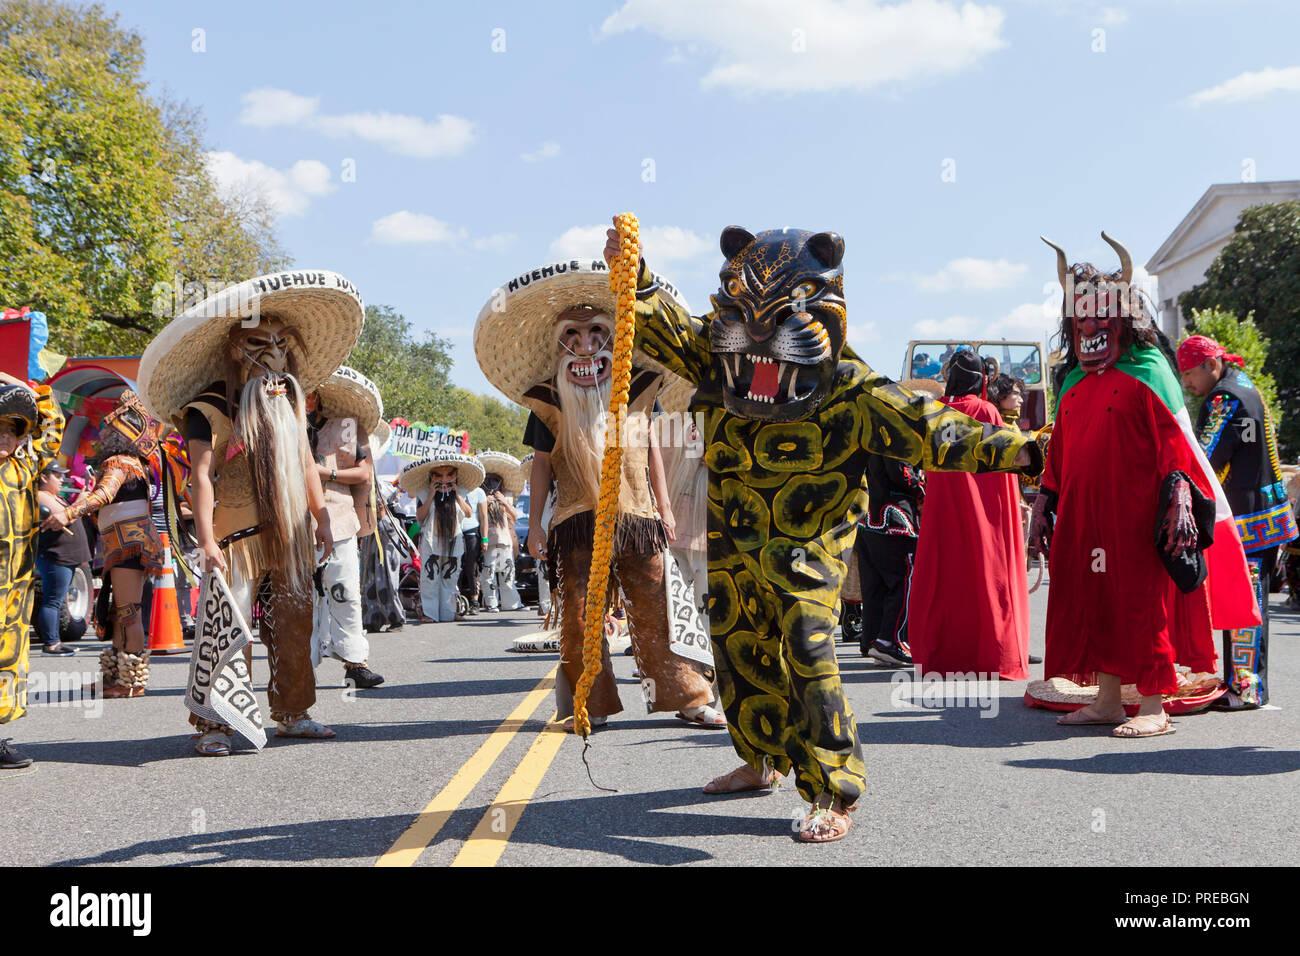 Danza de los Tecuanes (danza folklórica tradicional mexicana) ejecutante en traje de tigre durante 2018 National Latino Festival - Washington, DC, EE.UU. Imagen De Stock